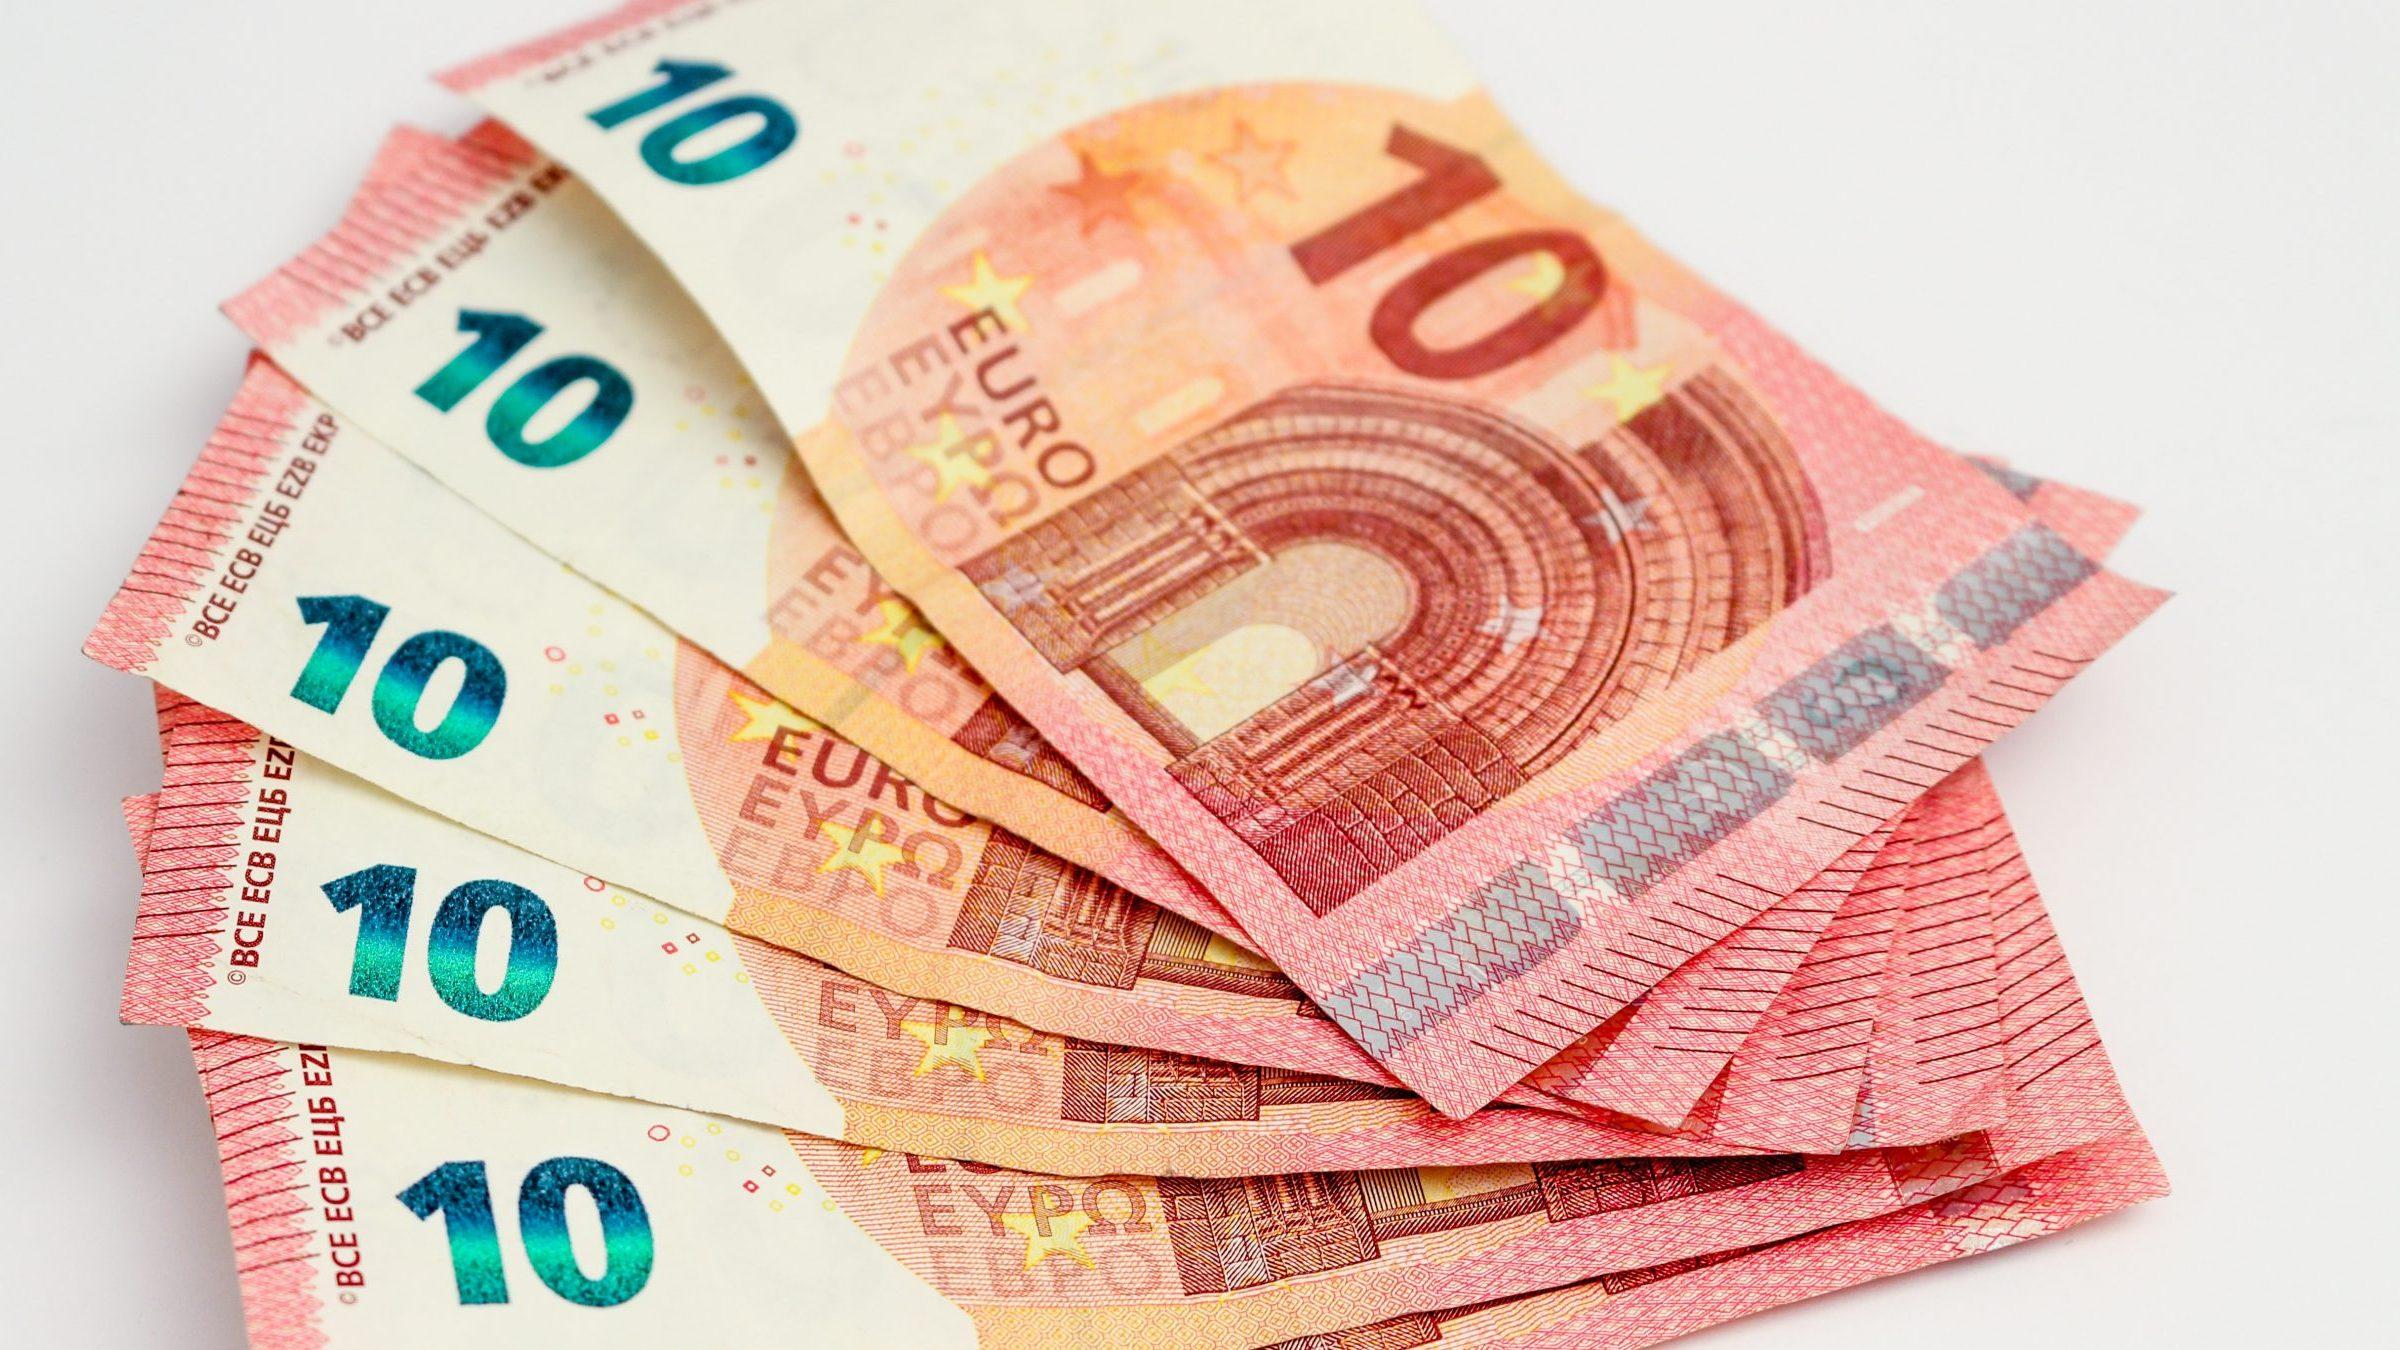 cash shortage